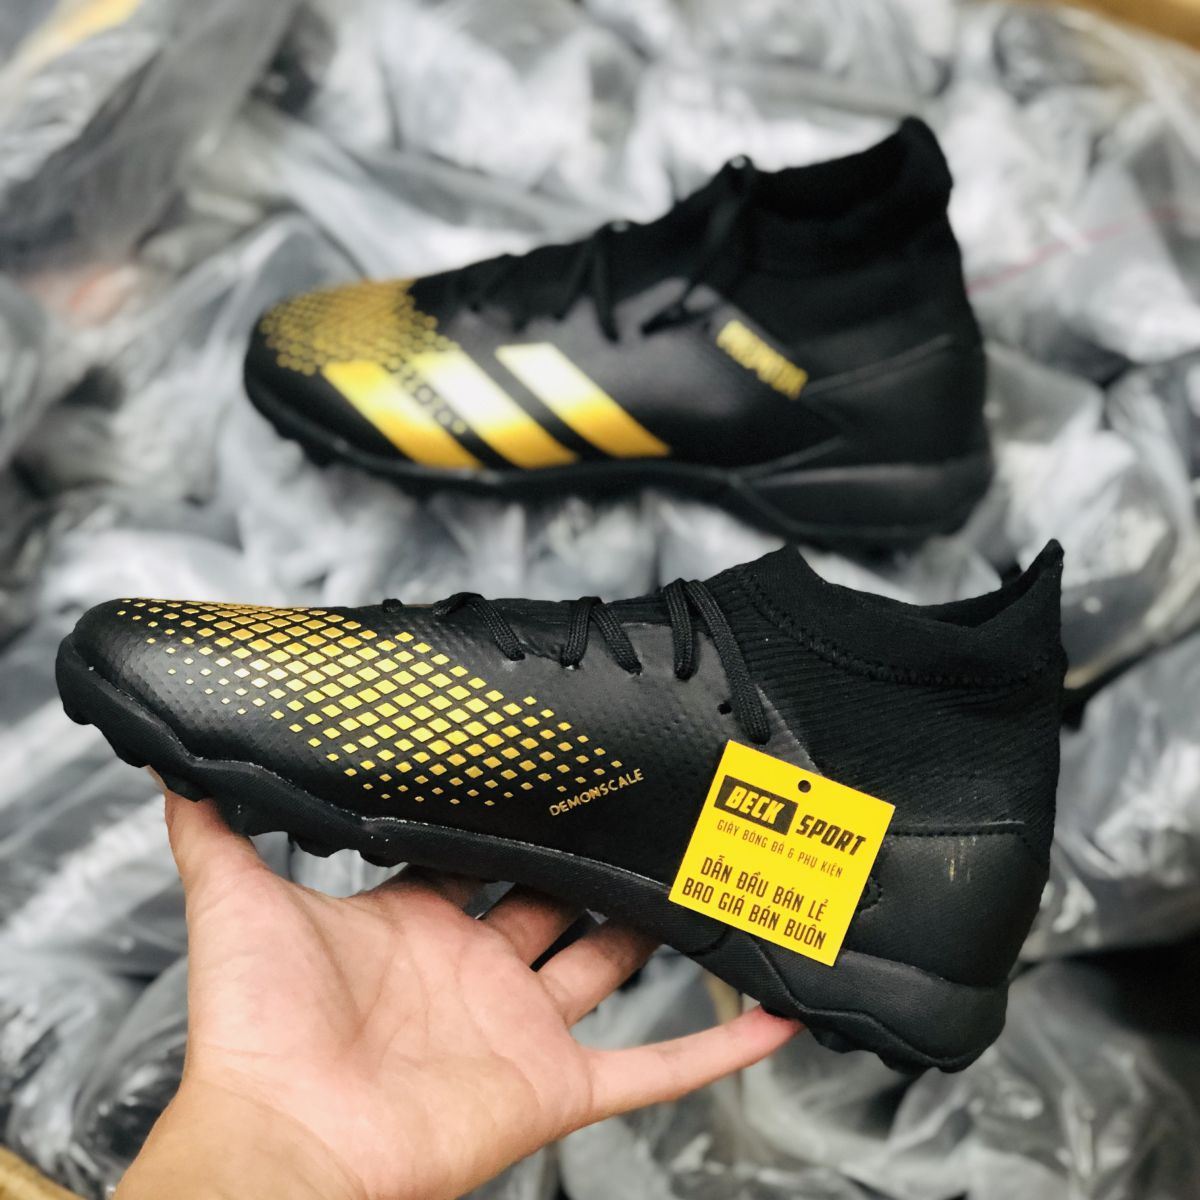 Giày Bóng Đá Adidas Predator 20.3 Đen Vạch Vàng Cổ Cao TF